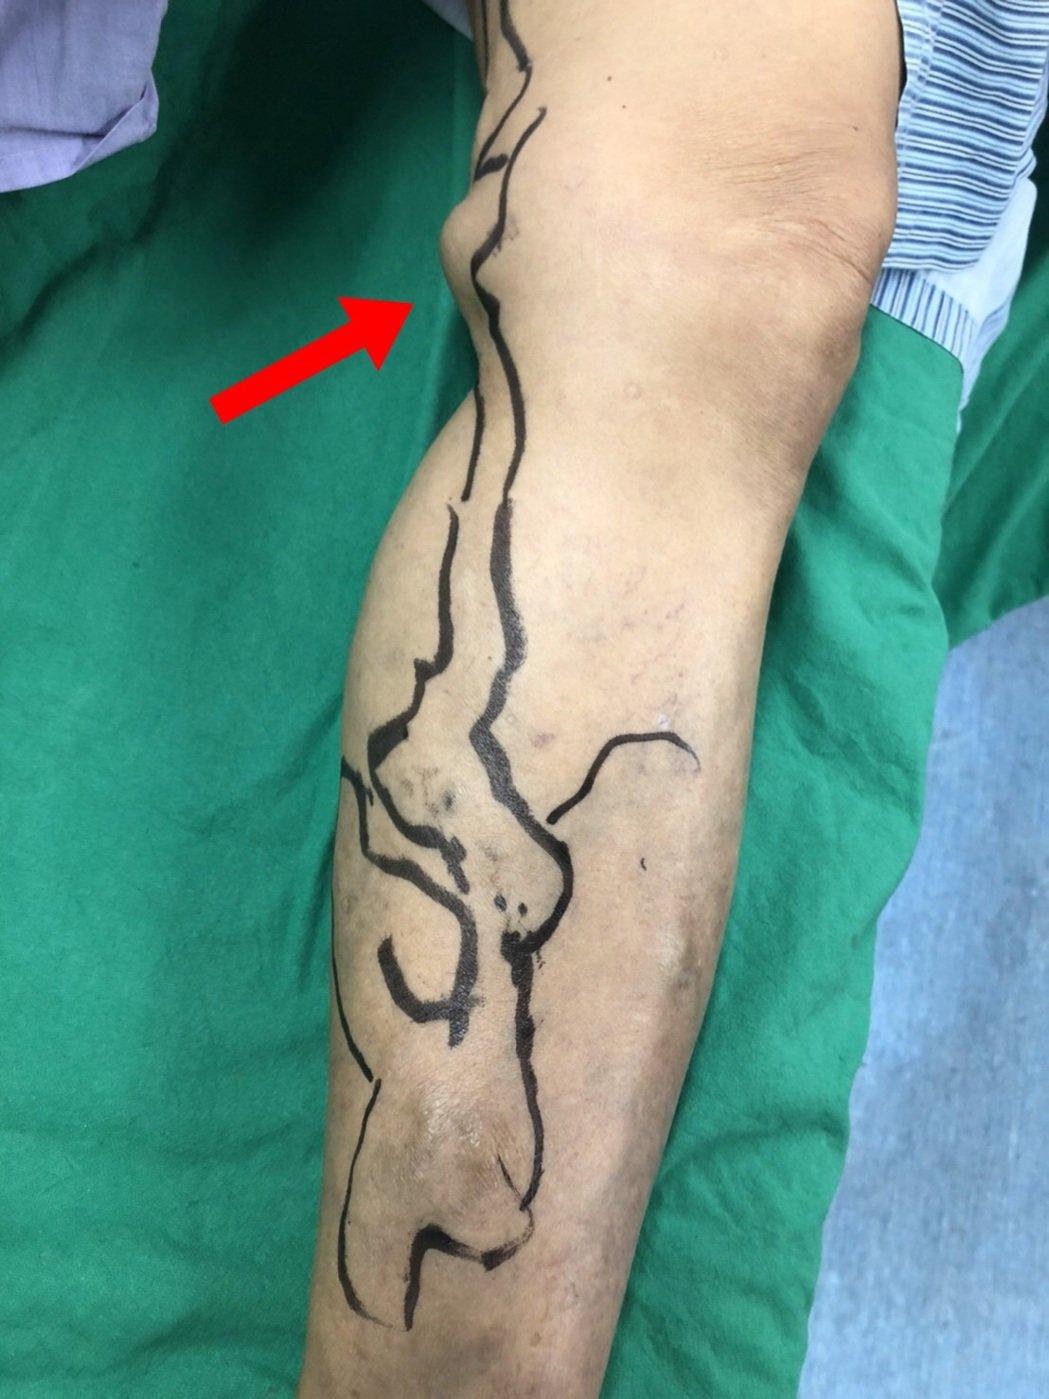 婦人腿長雞蛋般的血管瘤,醫師以微創無痛手術治療。圖/童綜合醫院提供